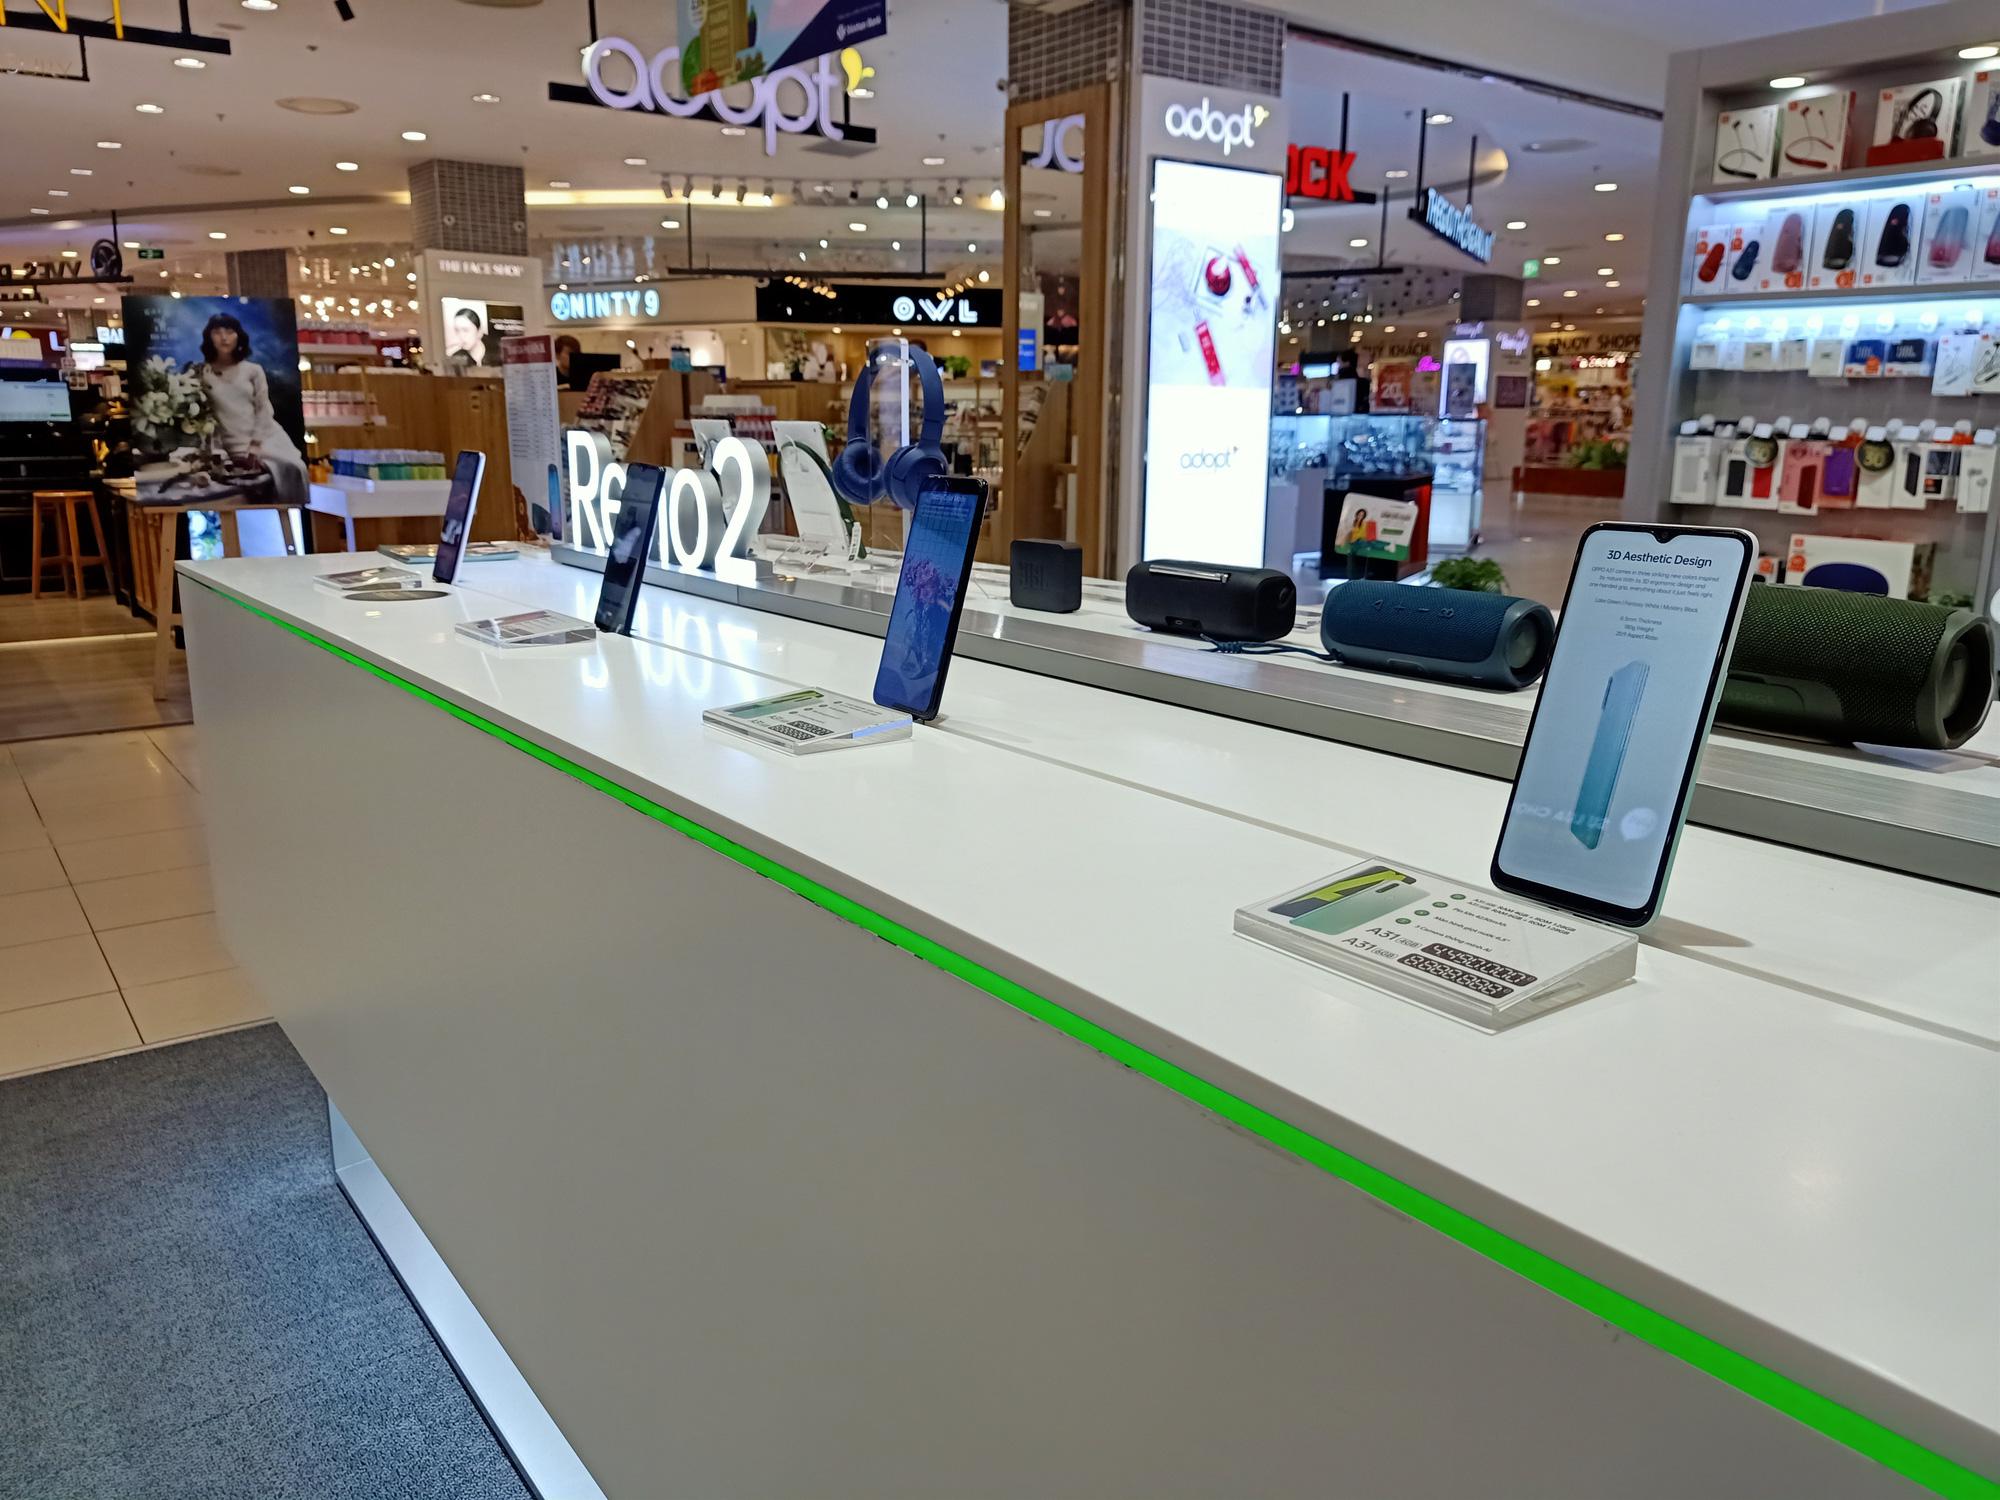 Điện thoại giảm giá tuần này: iPhone tiếp tục giảm nhẹ, Android tưng bừng khuyến mãi - Ảnh 4.